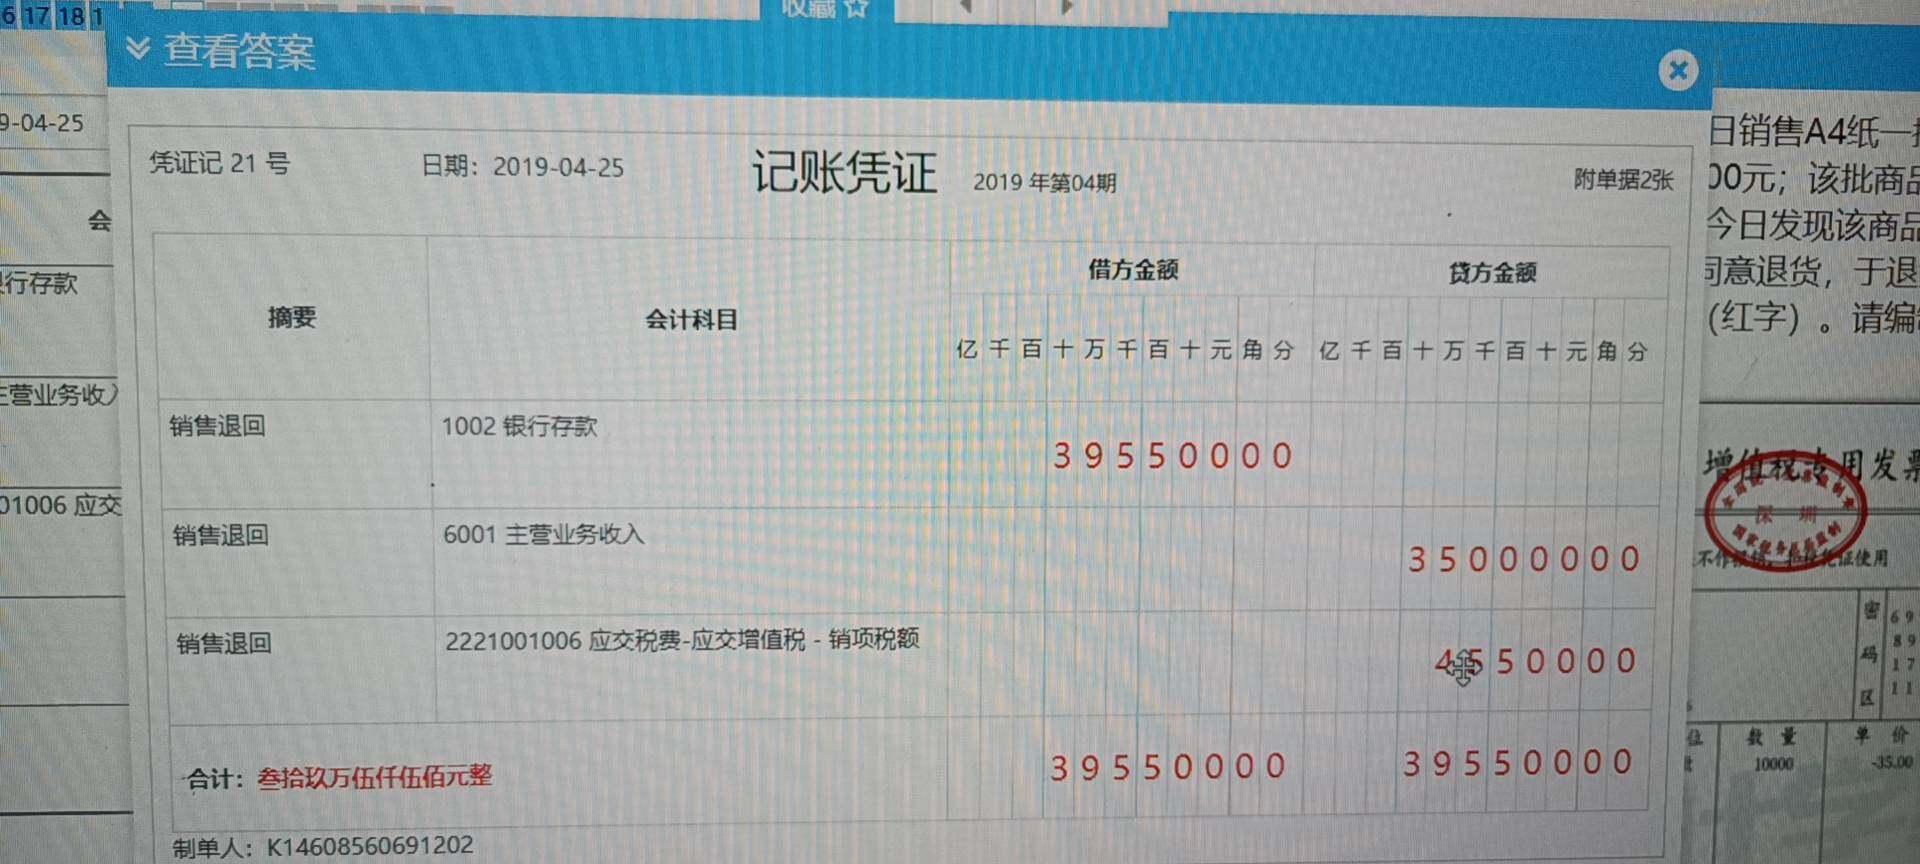 第一张图片是系统答案,第二张图片是我做的分录,为什么是错的?银行存款不是不能用红字?